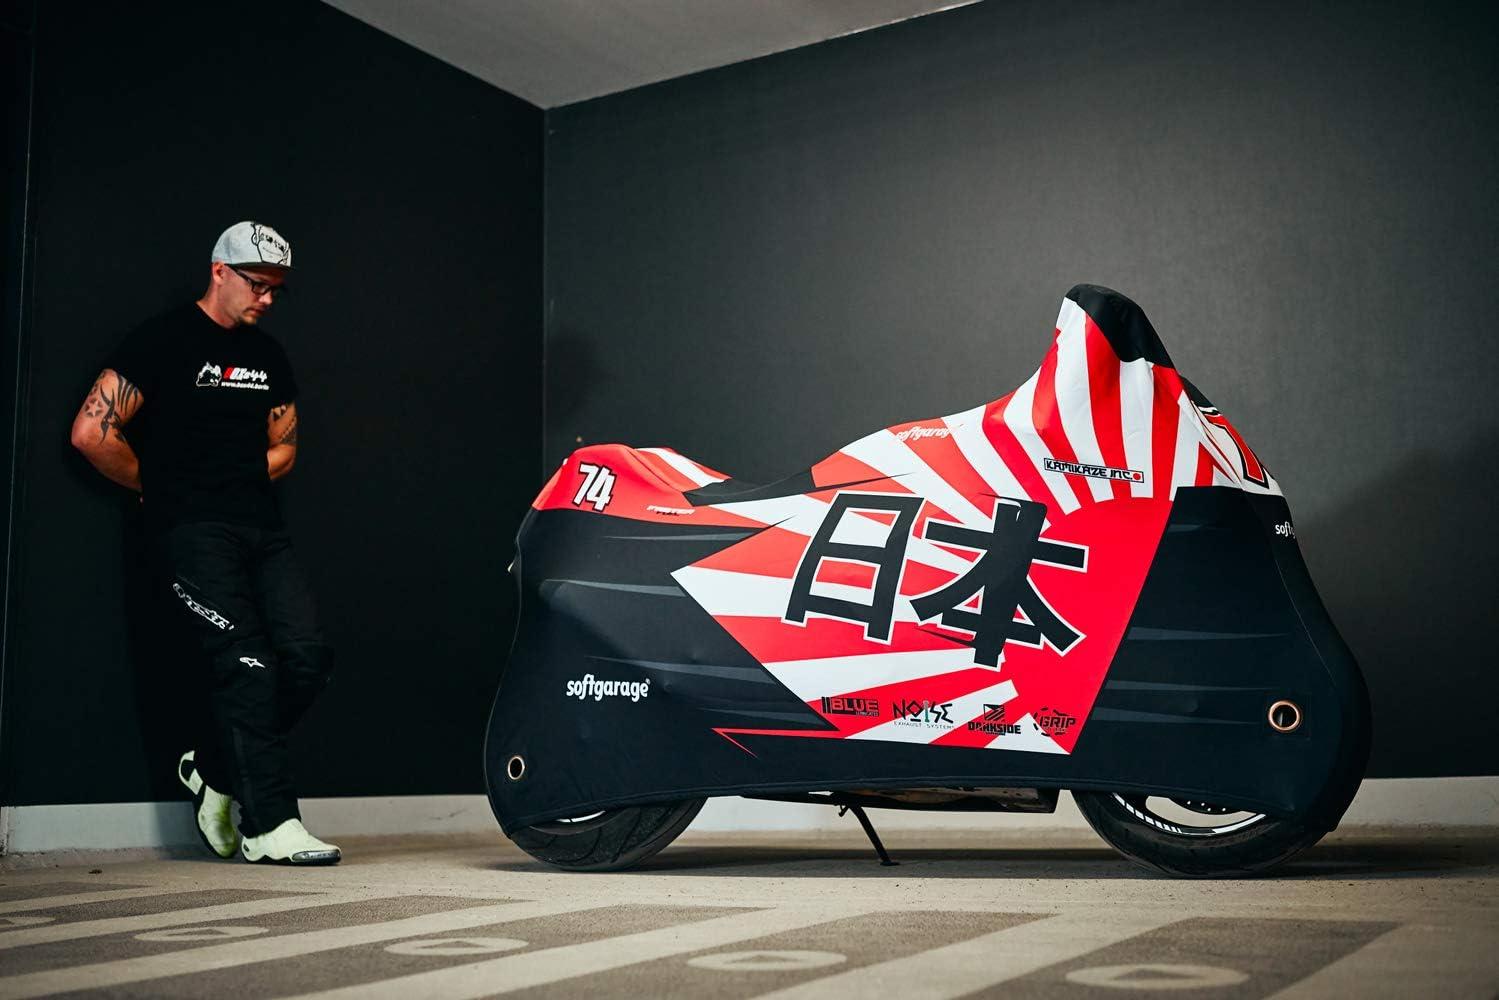 Softgarage Moto Race Design Redsun Outdoor Motorradabdeckung Faltgarage Abdeckplane Schutzhülle Regenfest Winterfest Staubdicht 508 A003979 Auto